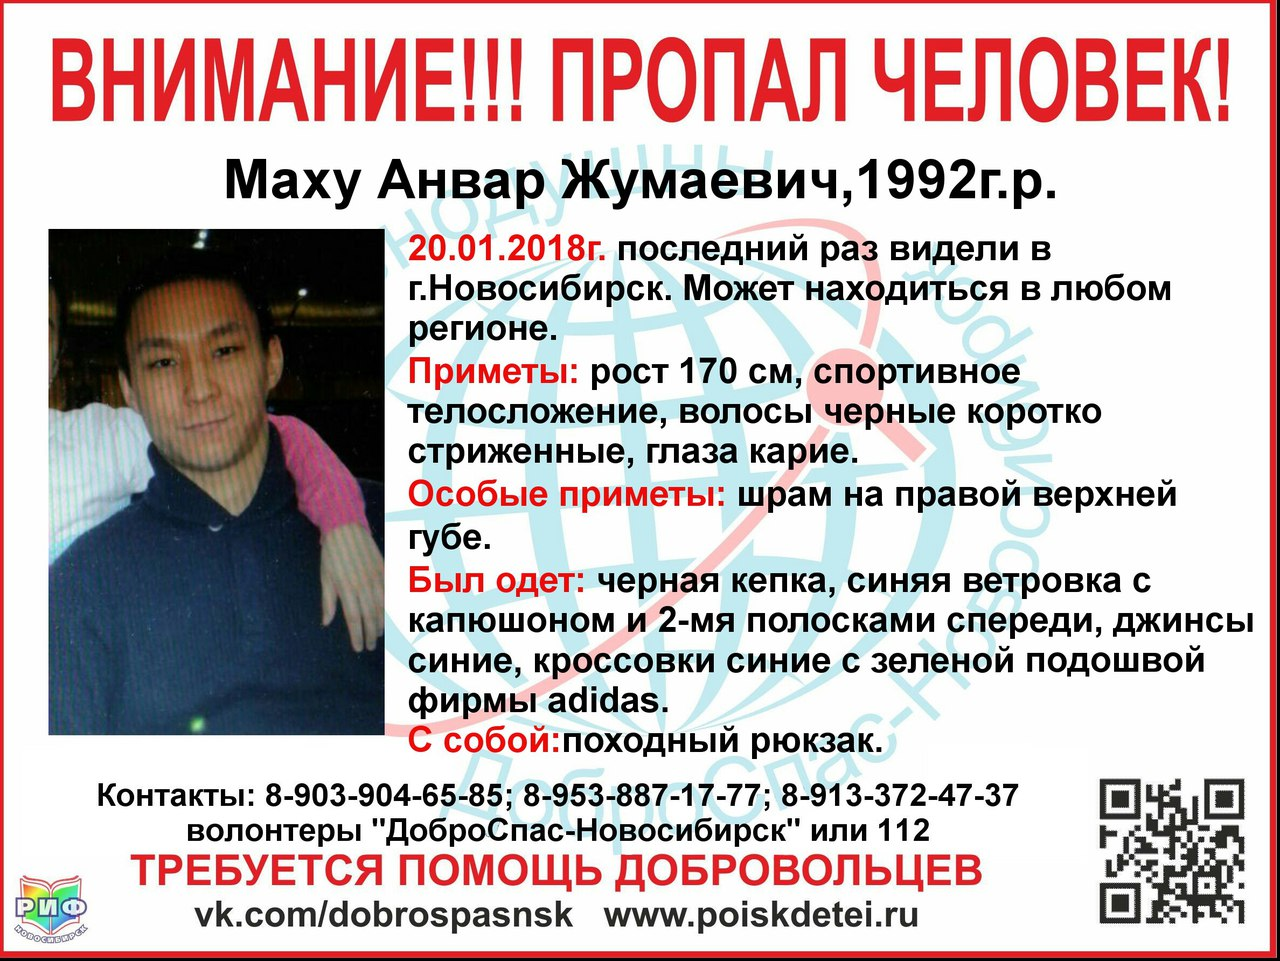 В Новосибирске разыскивают пропавшего 25-летнего парня со шрамом на верхней губе